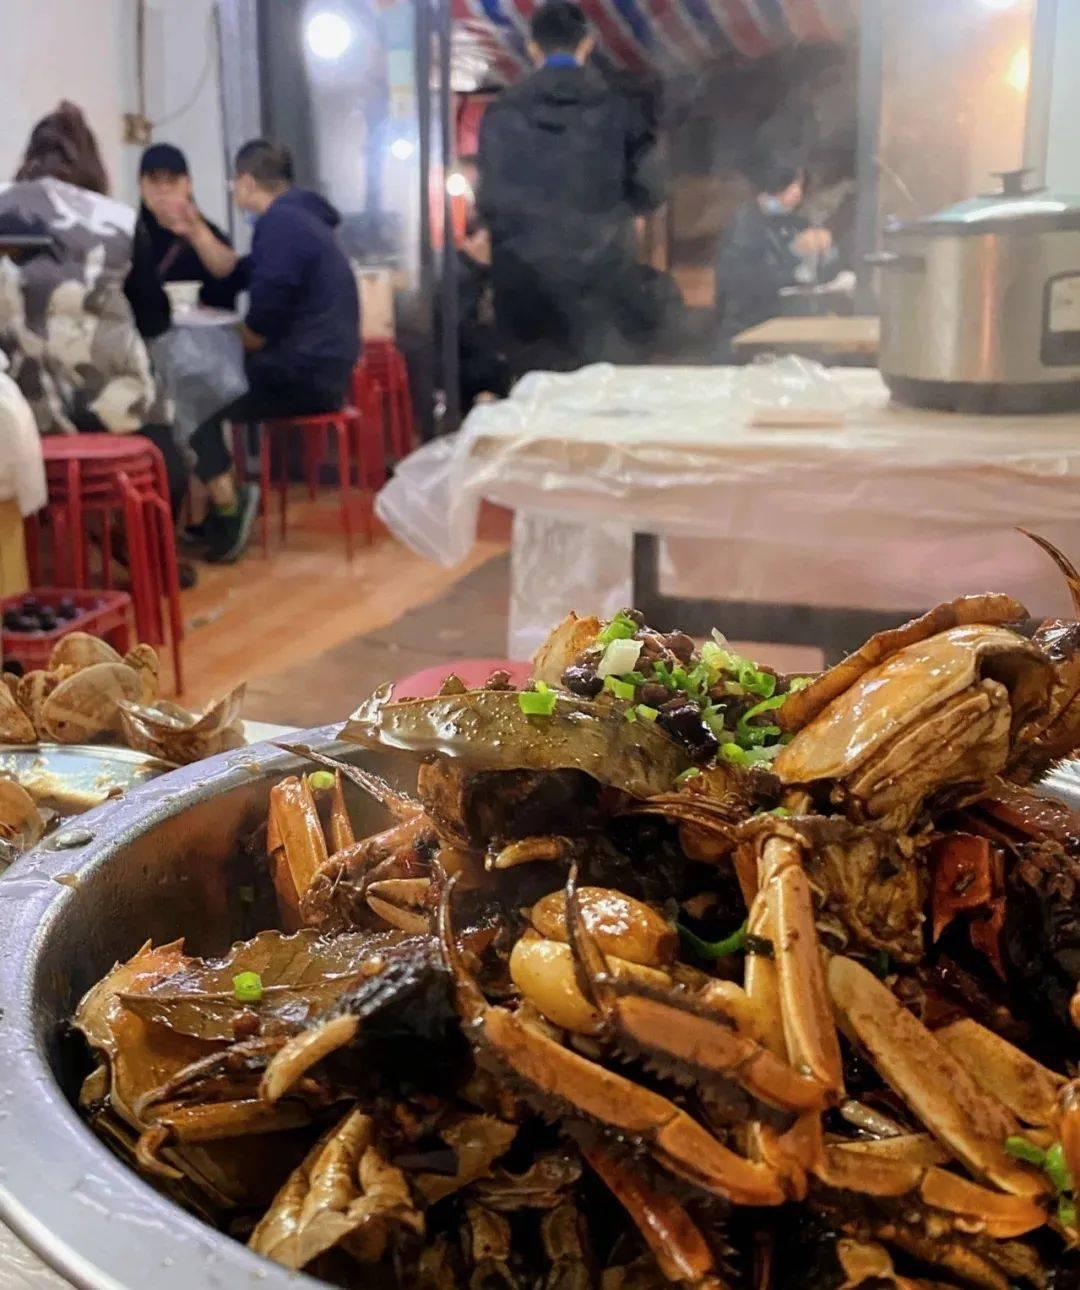 武汉螃蟹什么价格 武汉螃蟹哪里好吃餐厅推荐